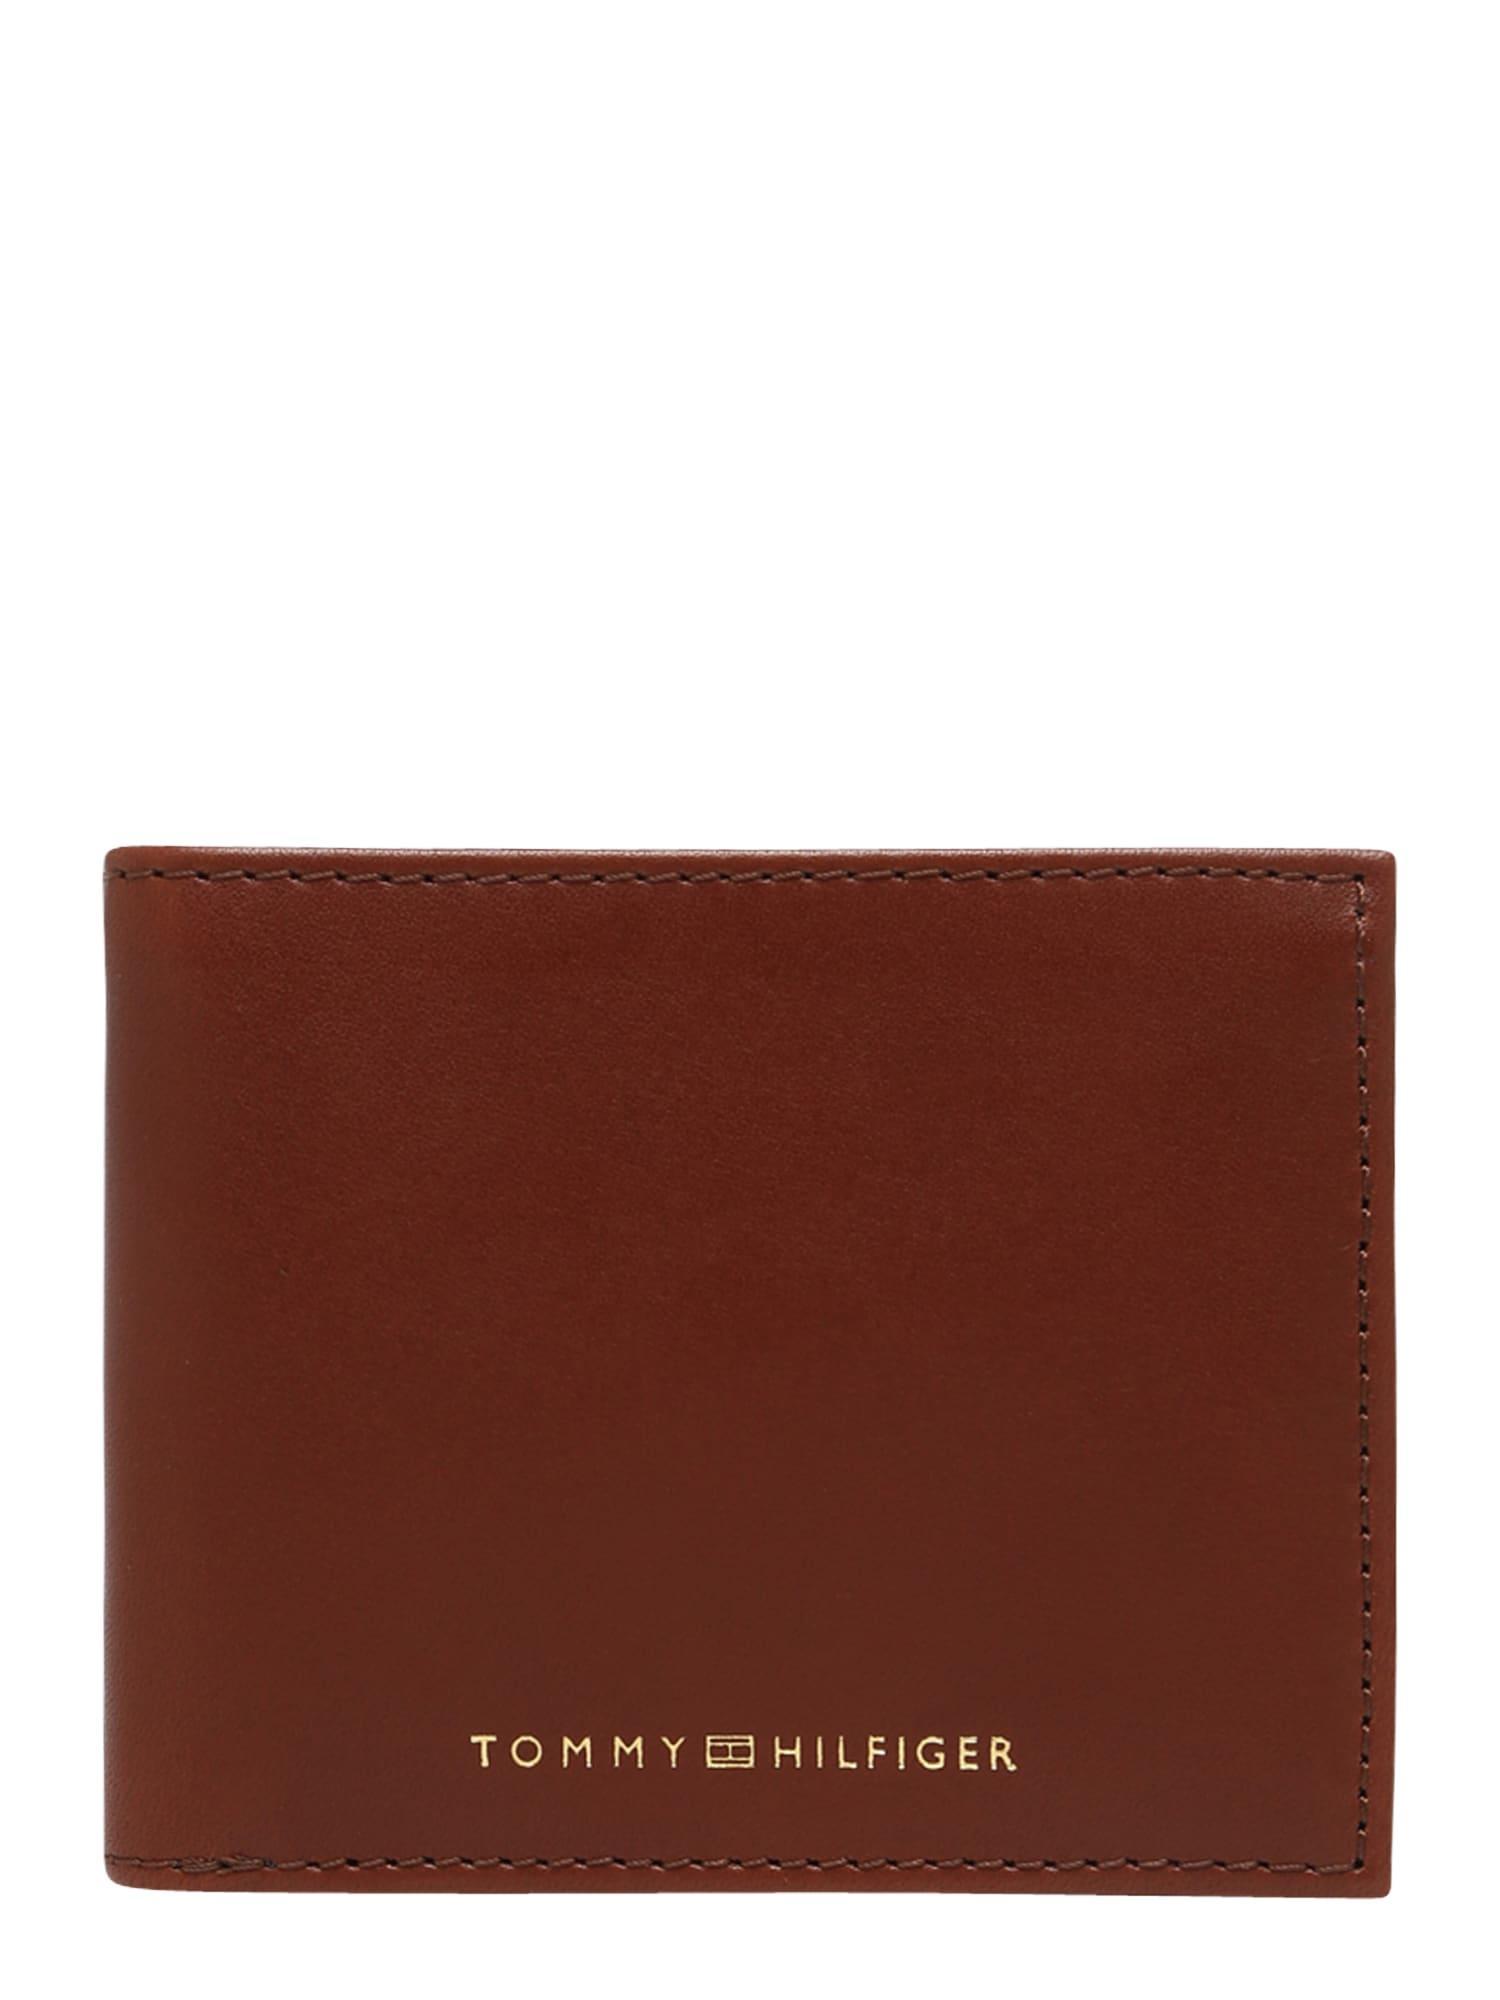 TOMMY HILFIGER Portemonnaie braun